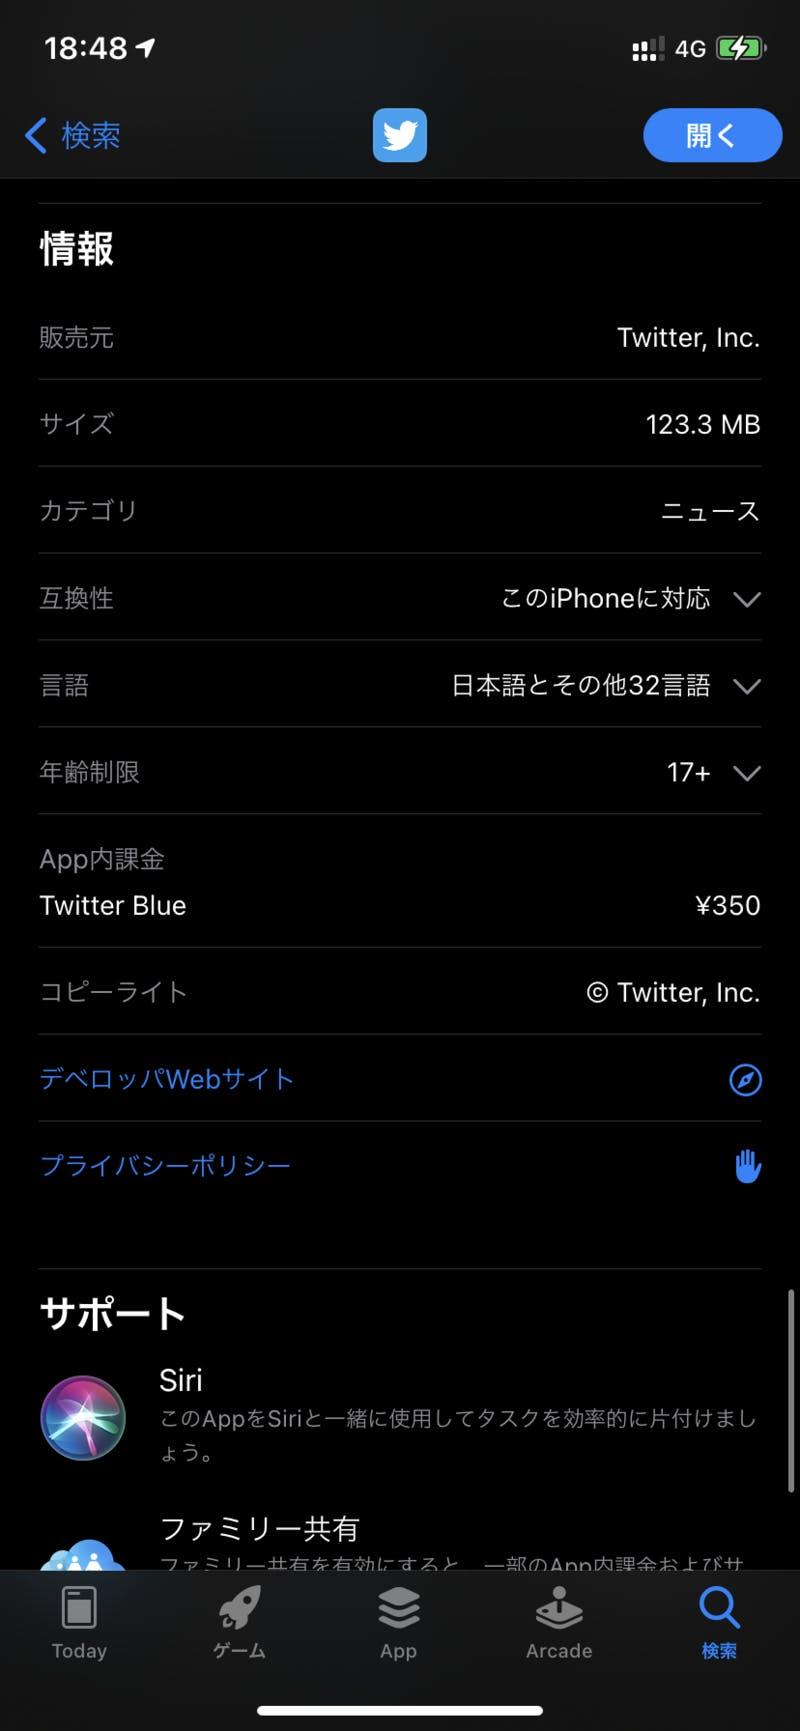 「Twitter Blue ¥350」という表記が確認できる